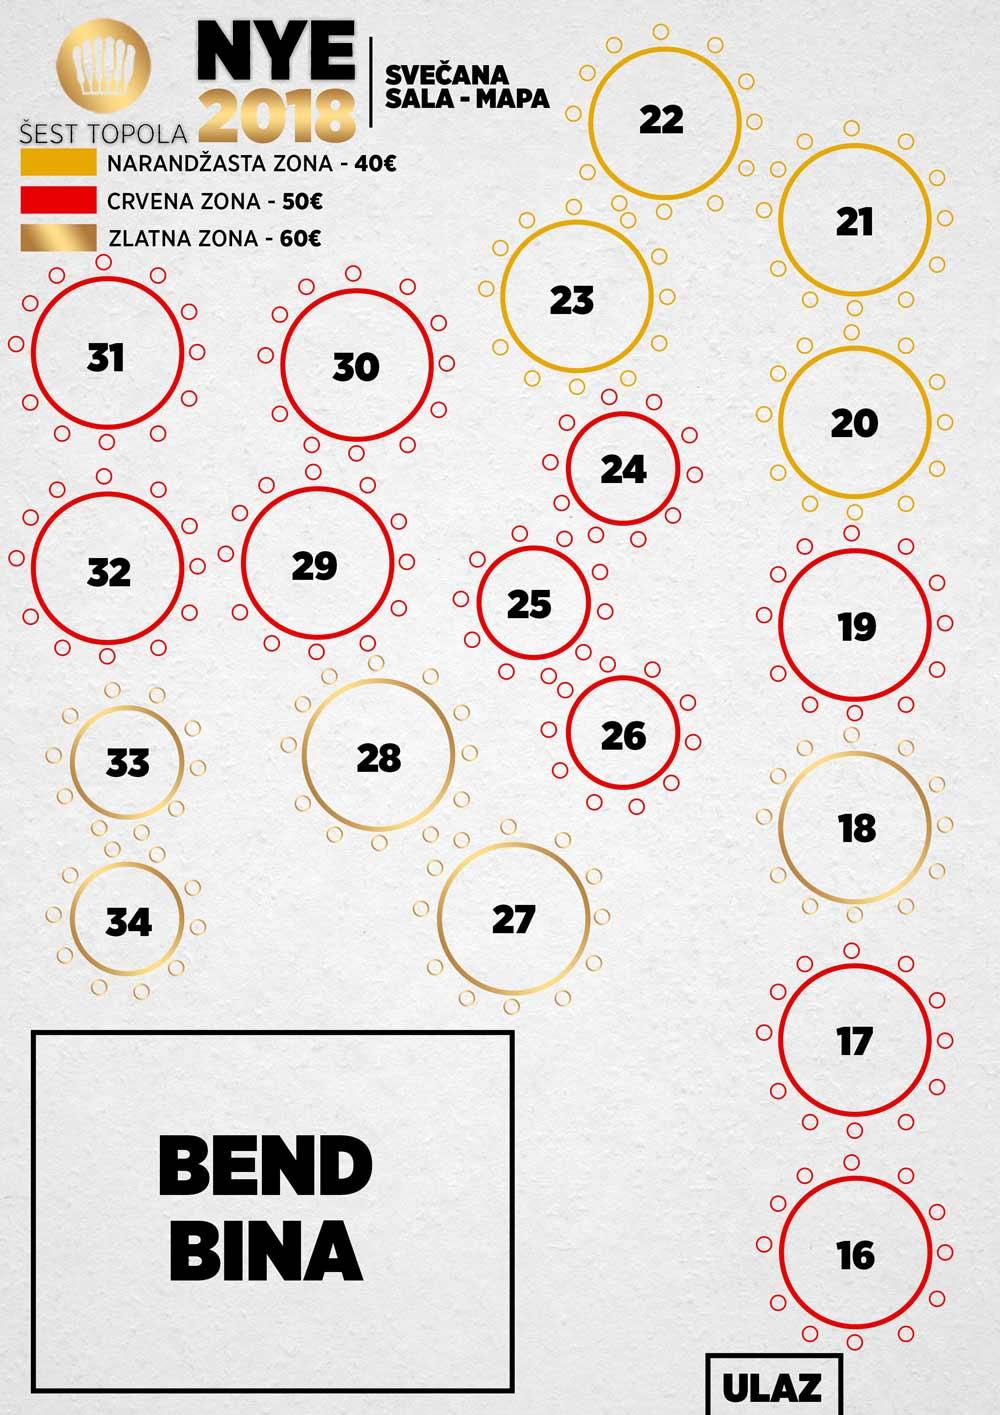 mapa restoran sest topola nova godina